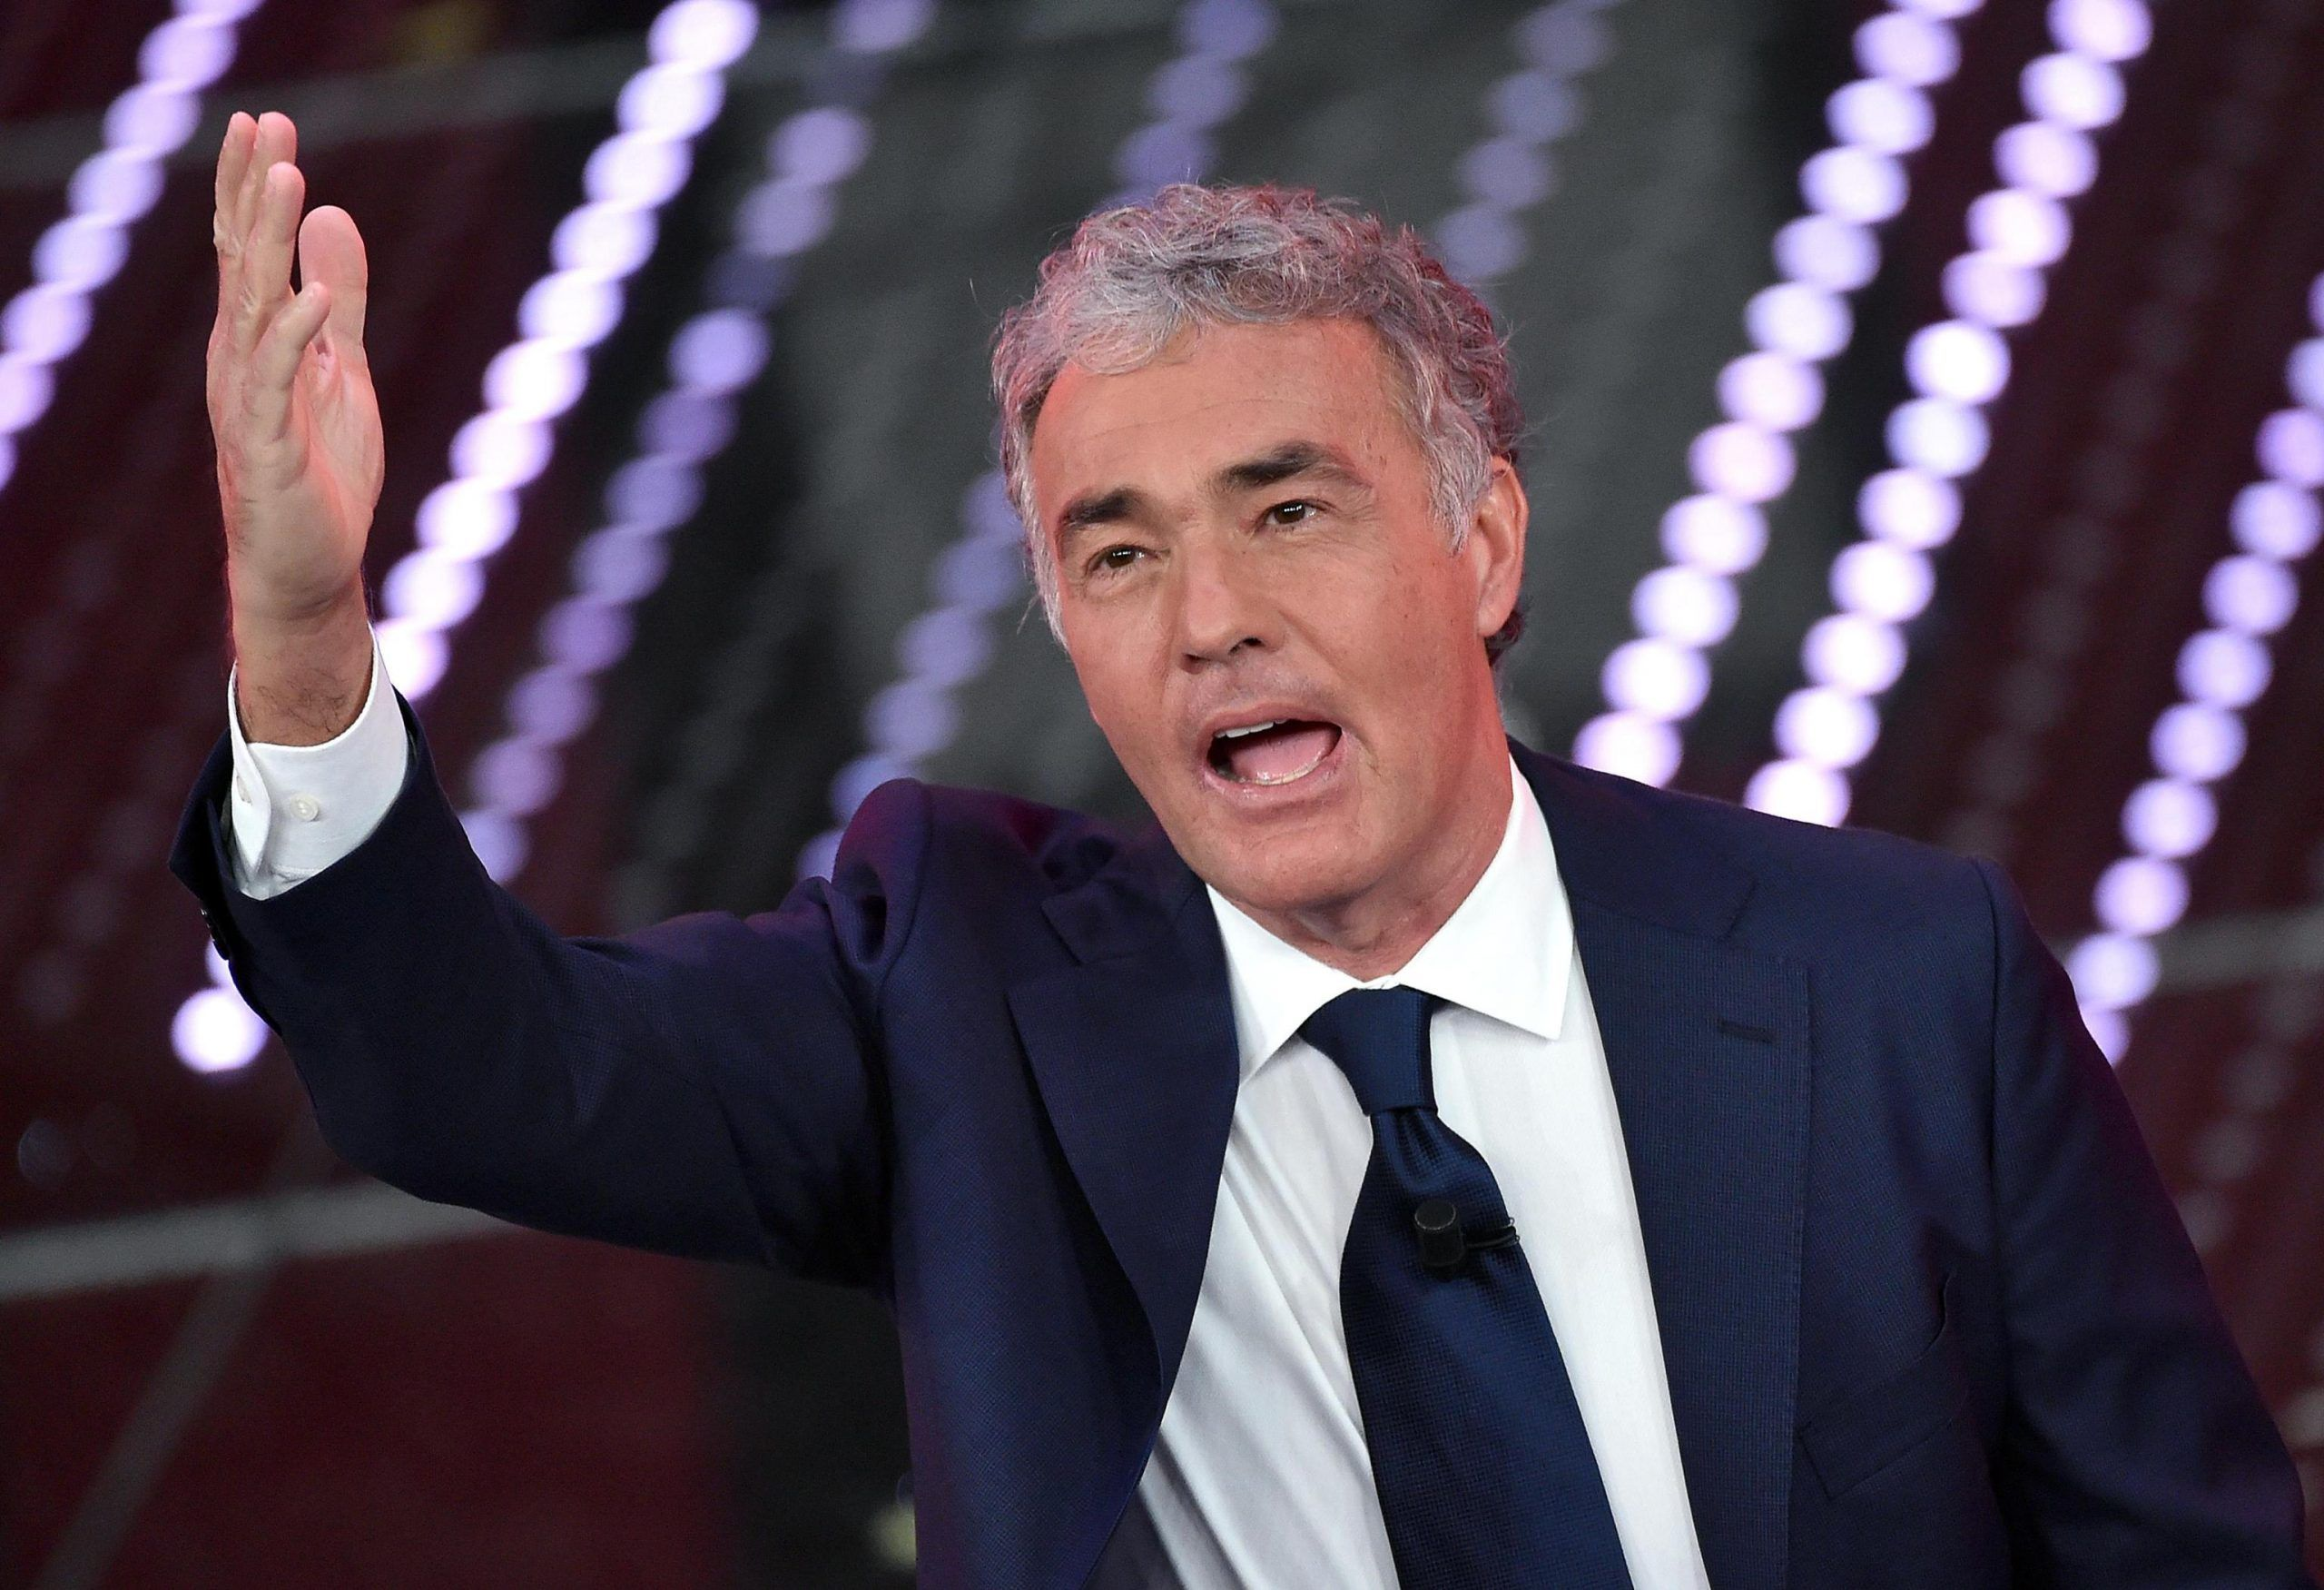 Non è l'Arena: Massimo Giletti svela il nome del nuovo programma su La7